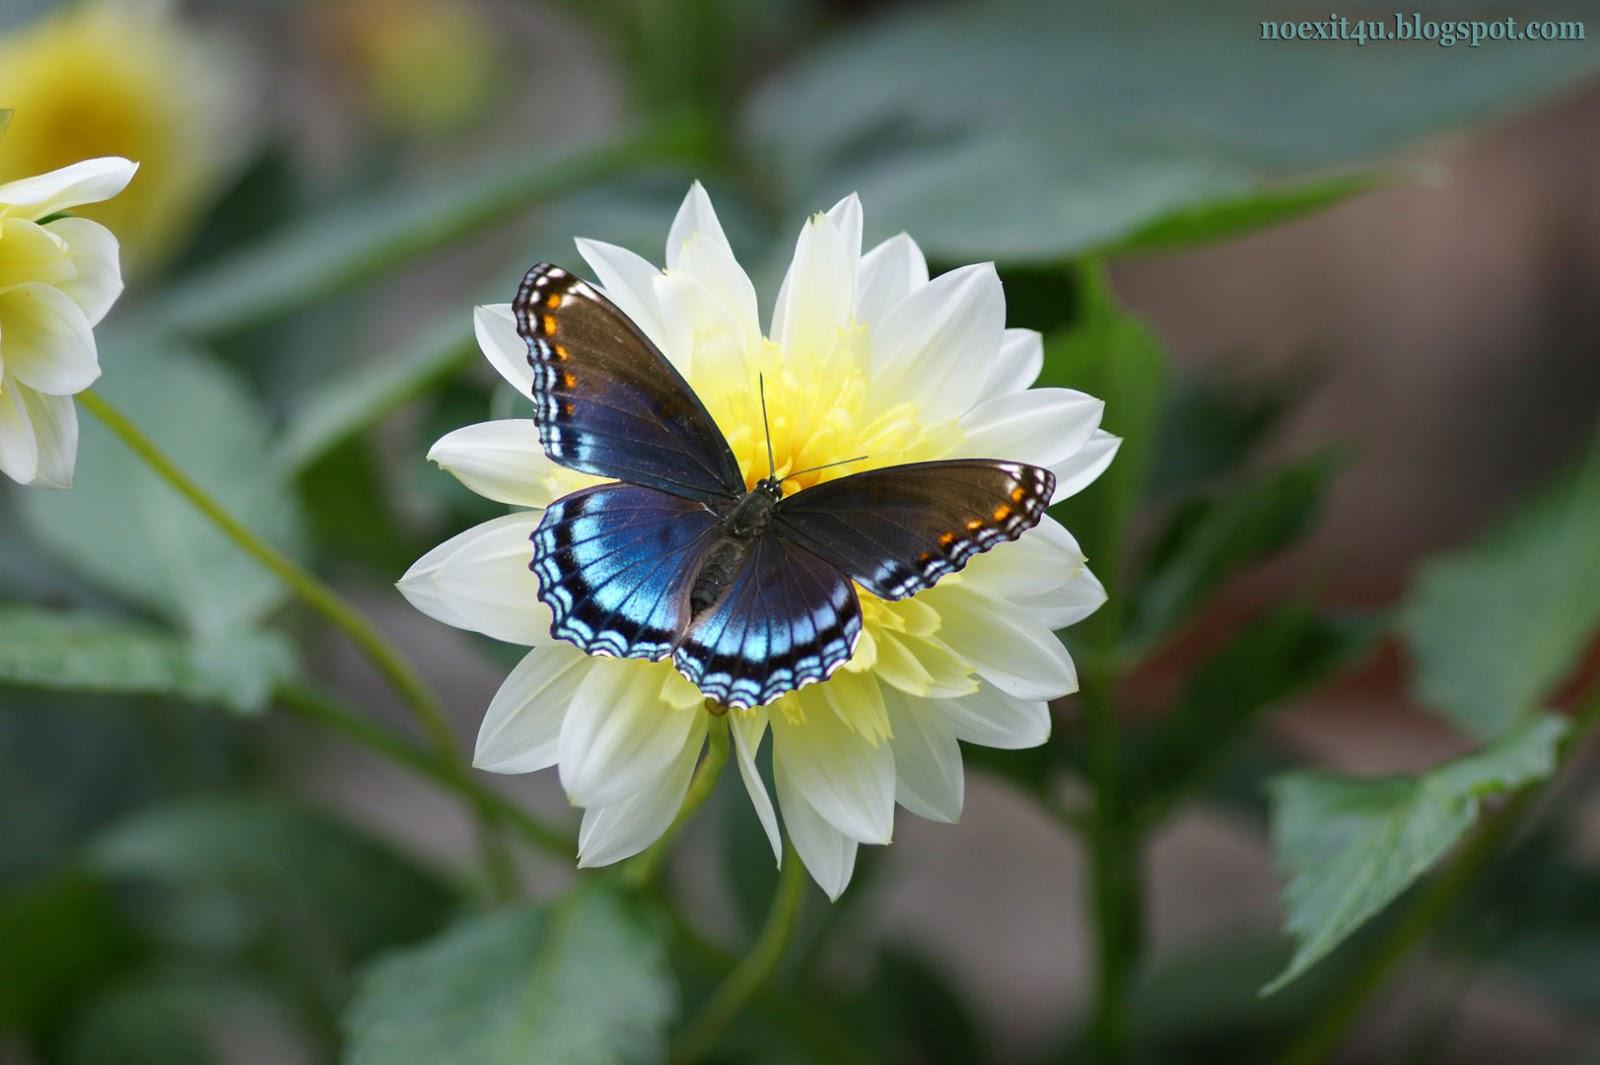 butterfly on a flower wallpaper hd noexit4ucom